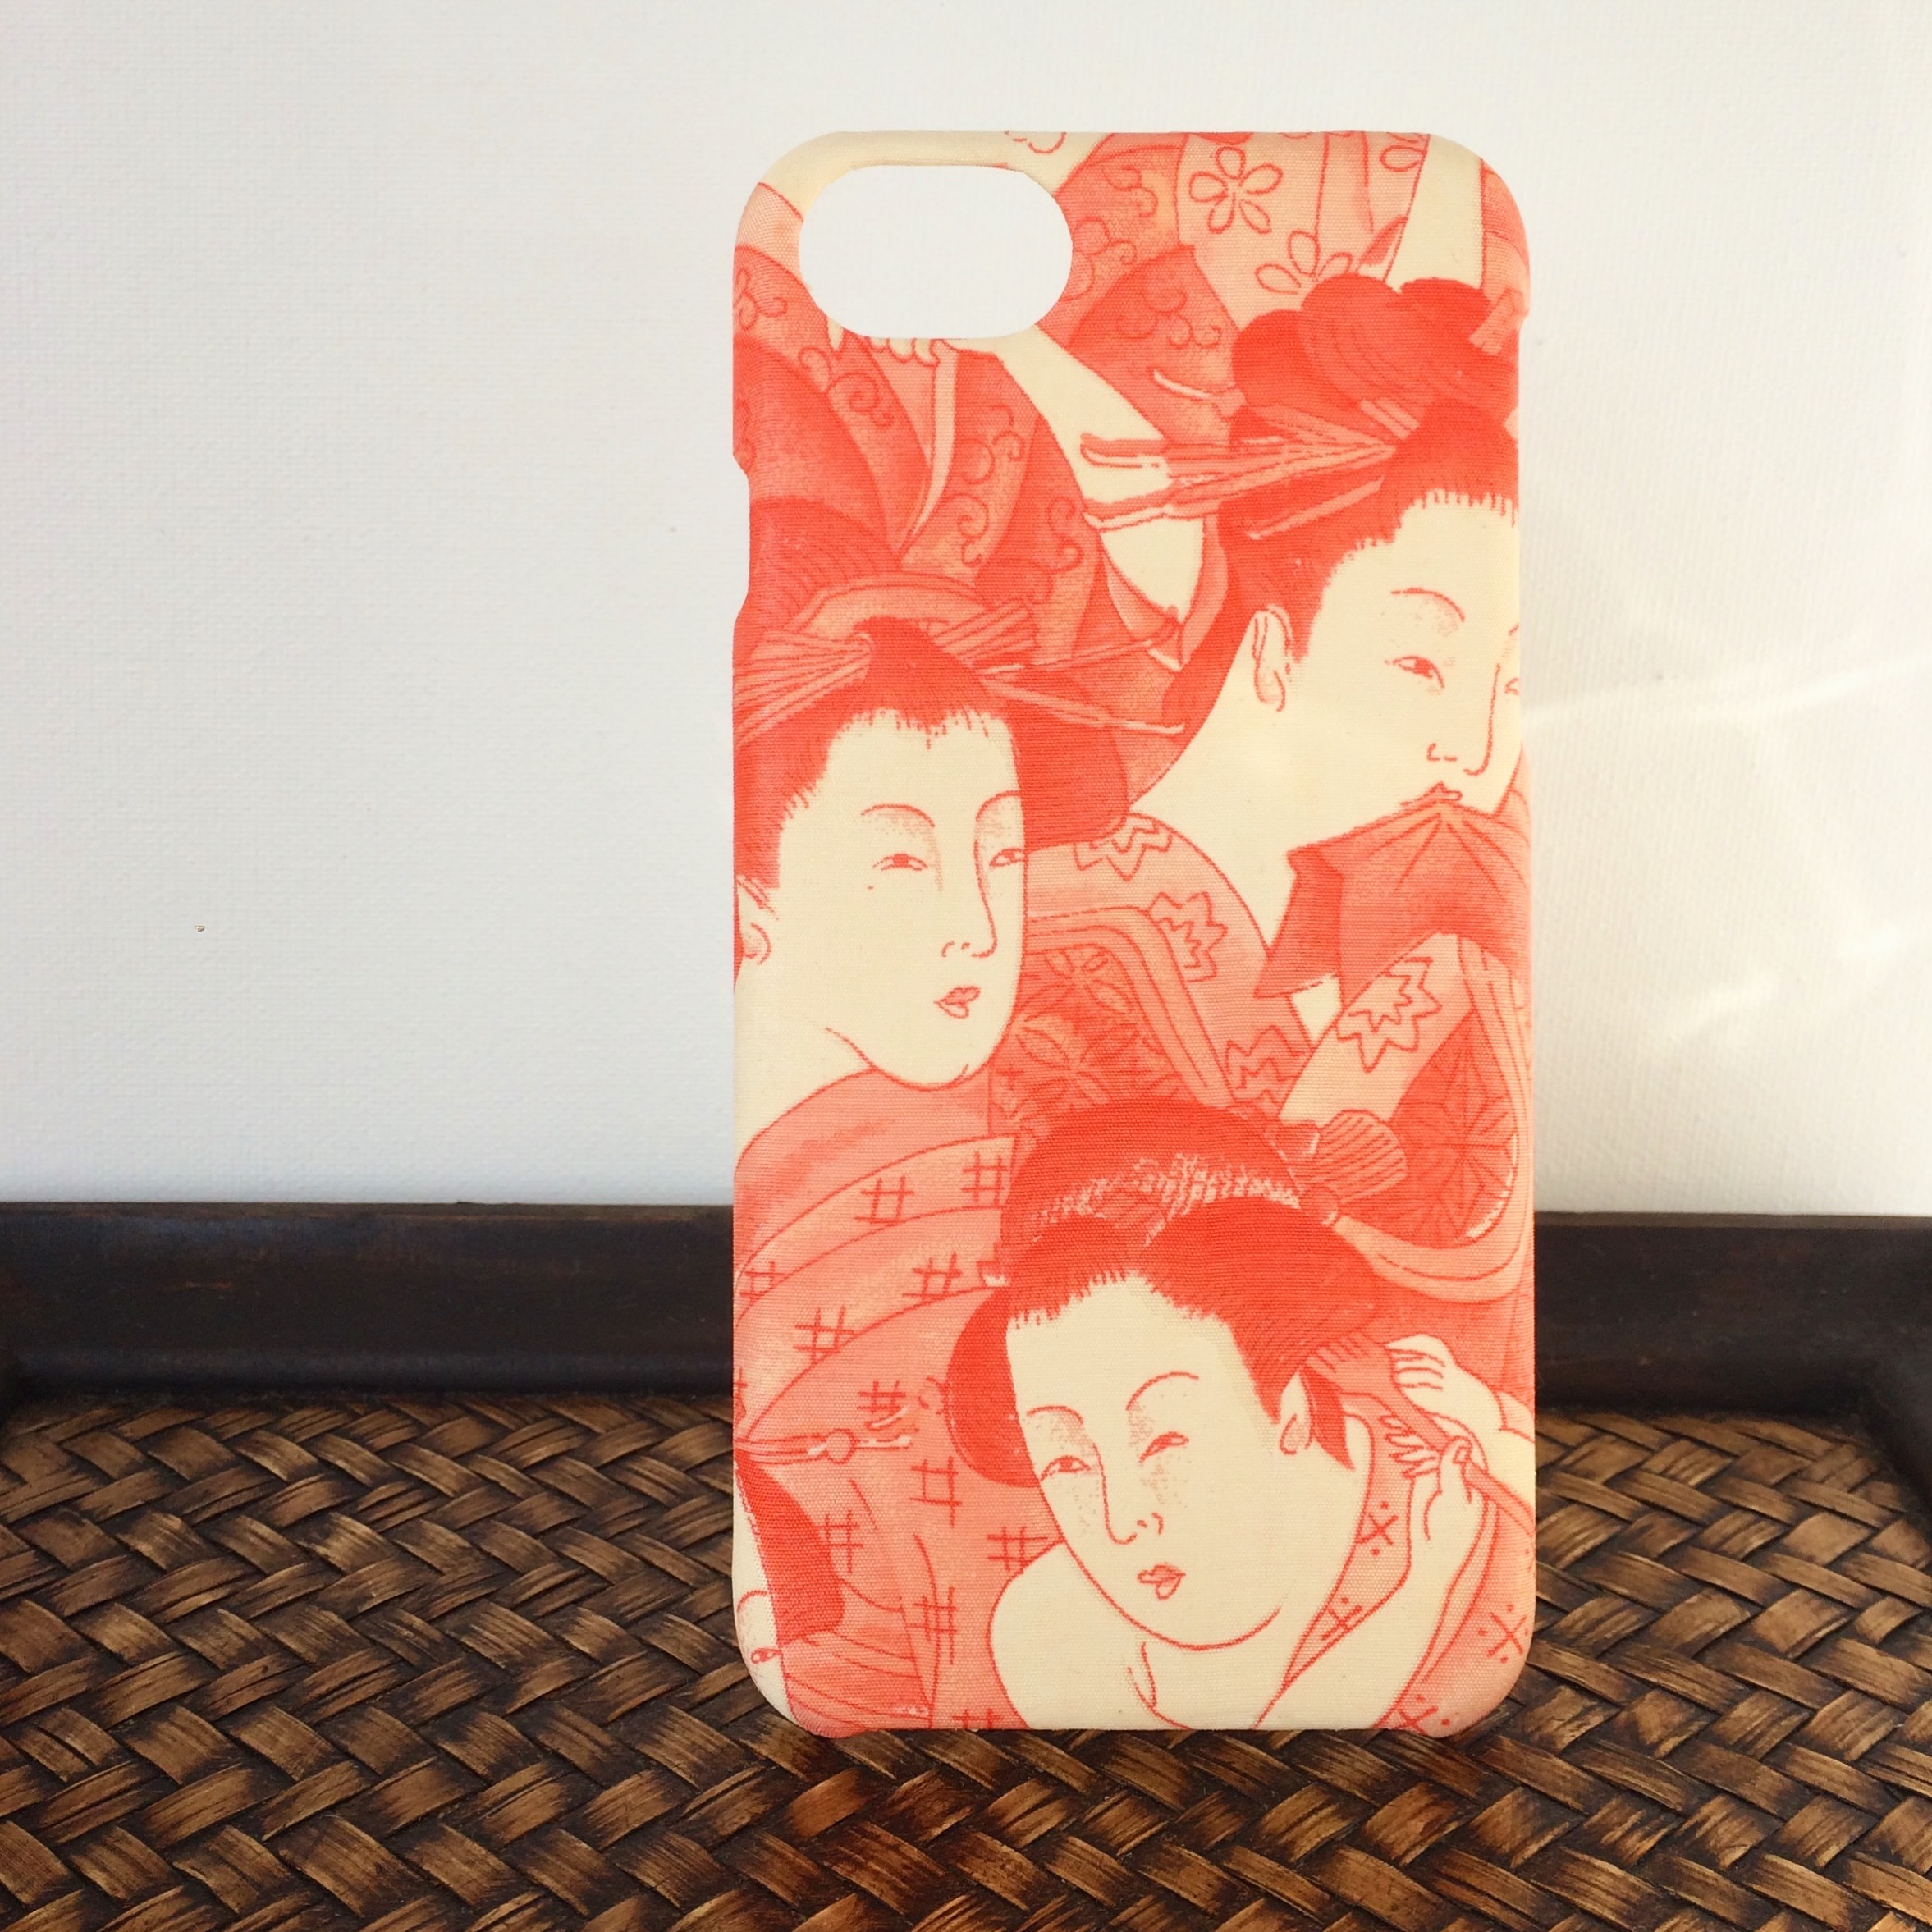 Kimono 希少 アンティーク着物iphoneケース 江戸美人画 Beside